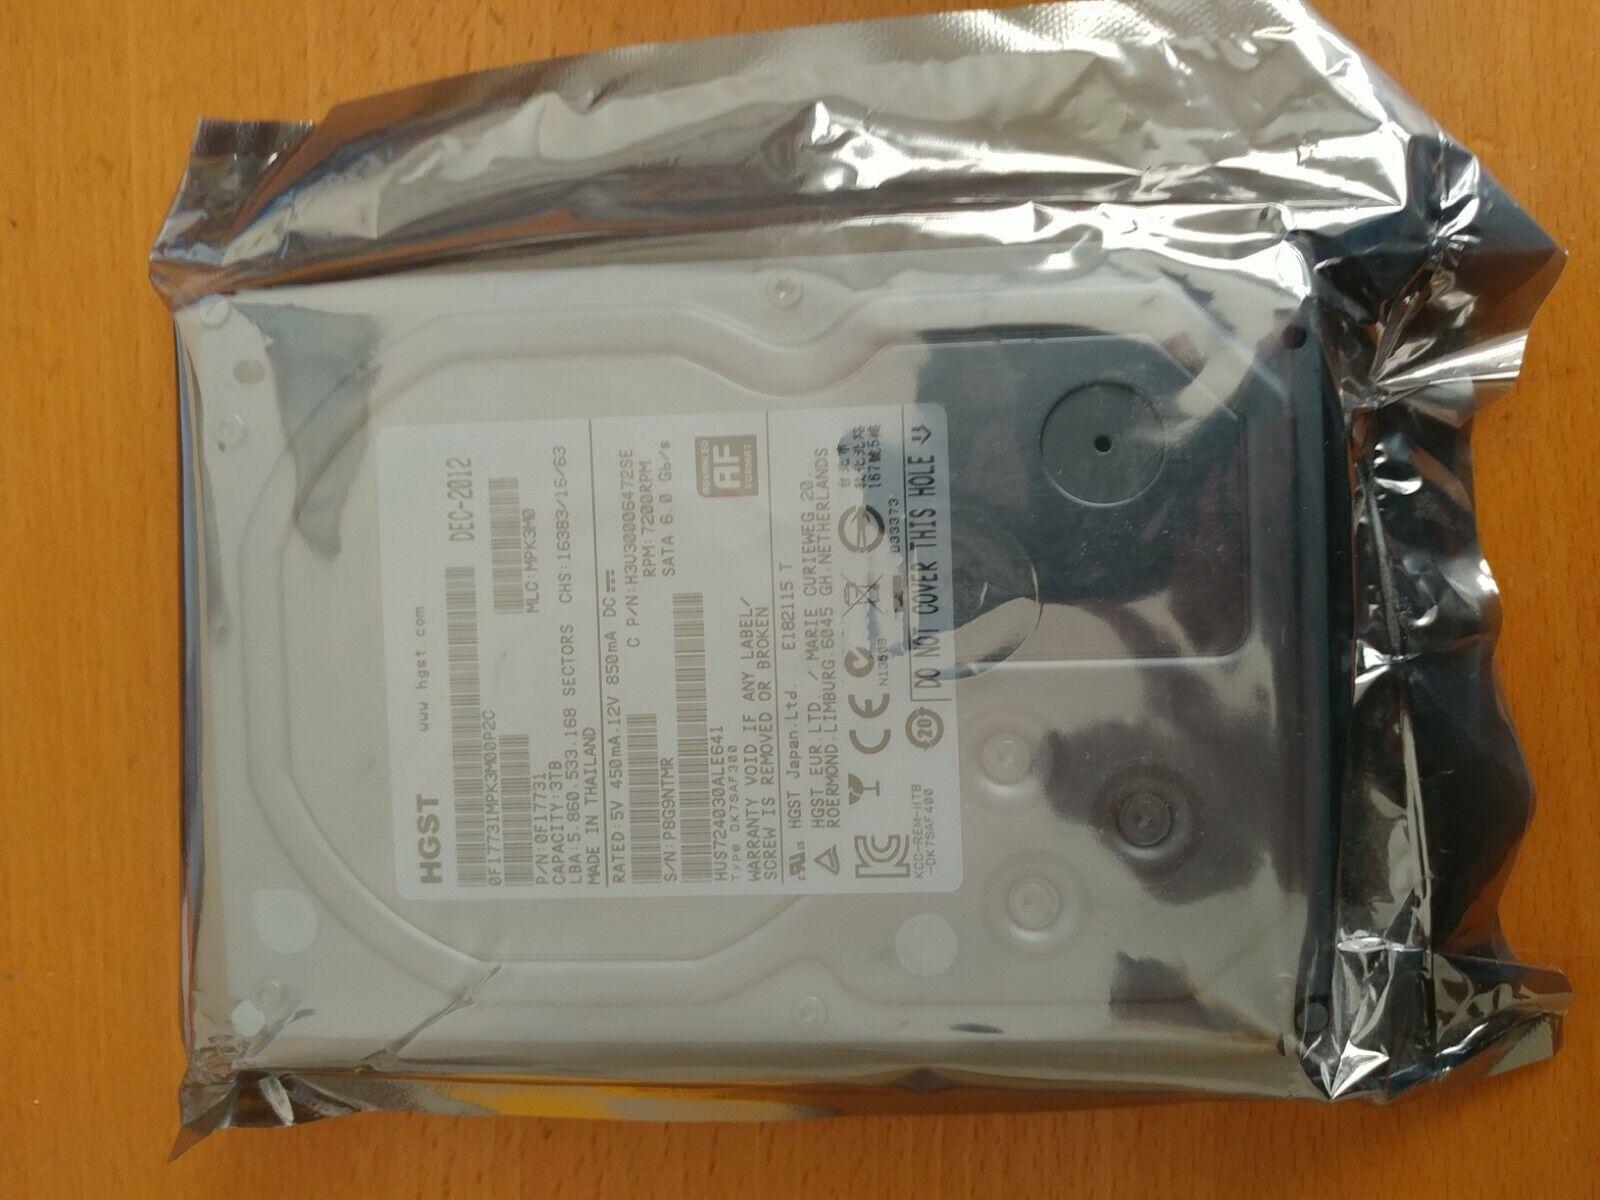 HGST Ultrastar 7K4000 HUS724030ALE641 3TB 64MB Cache 7200RPM SATA III 0F17731